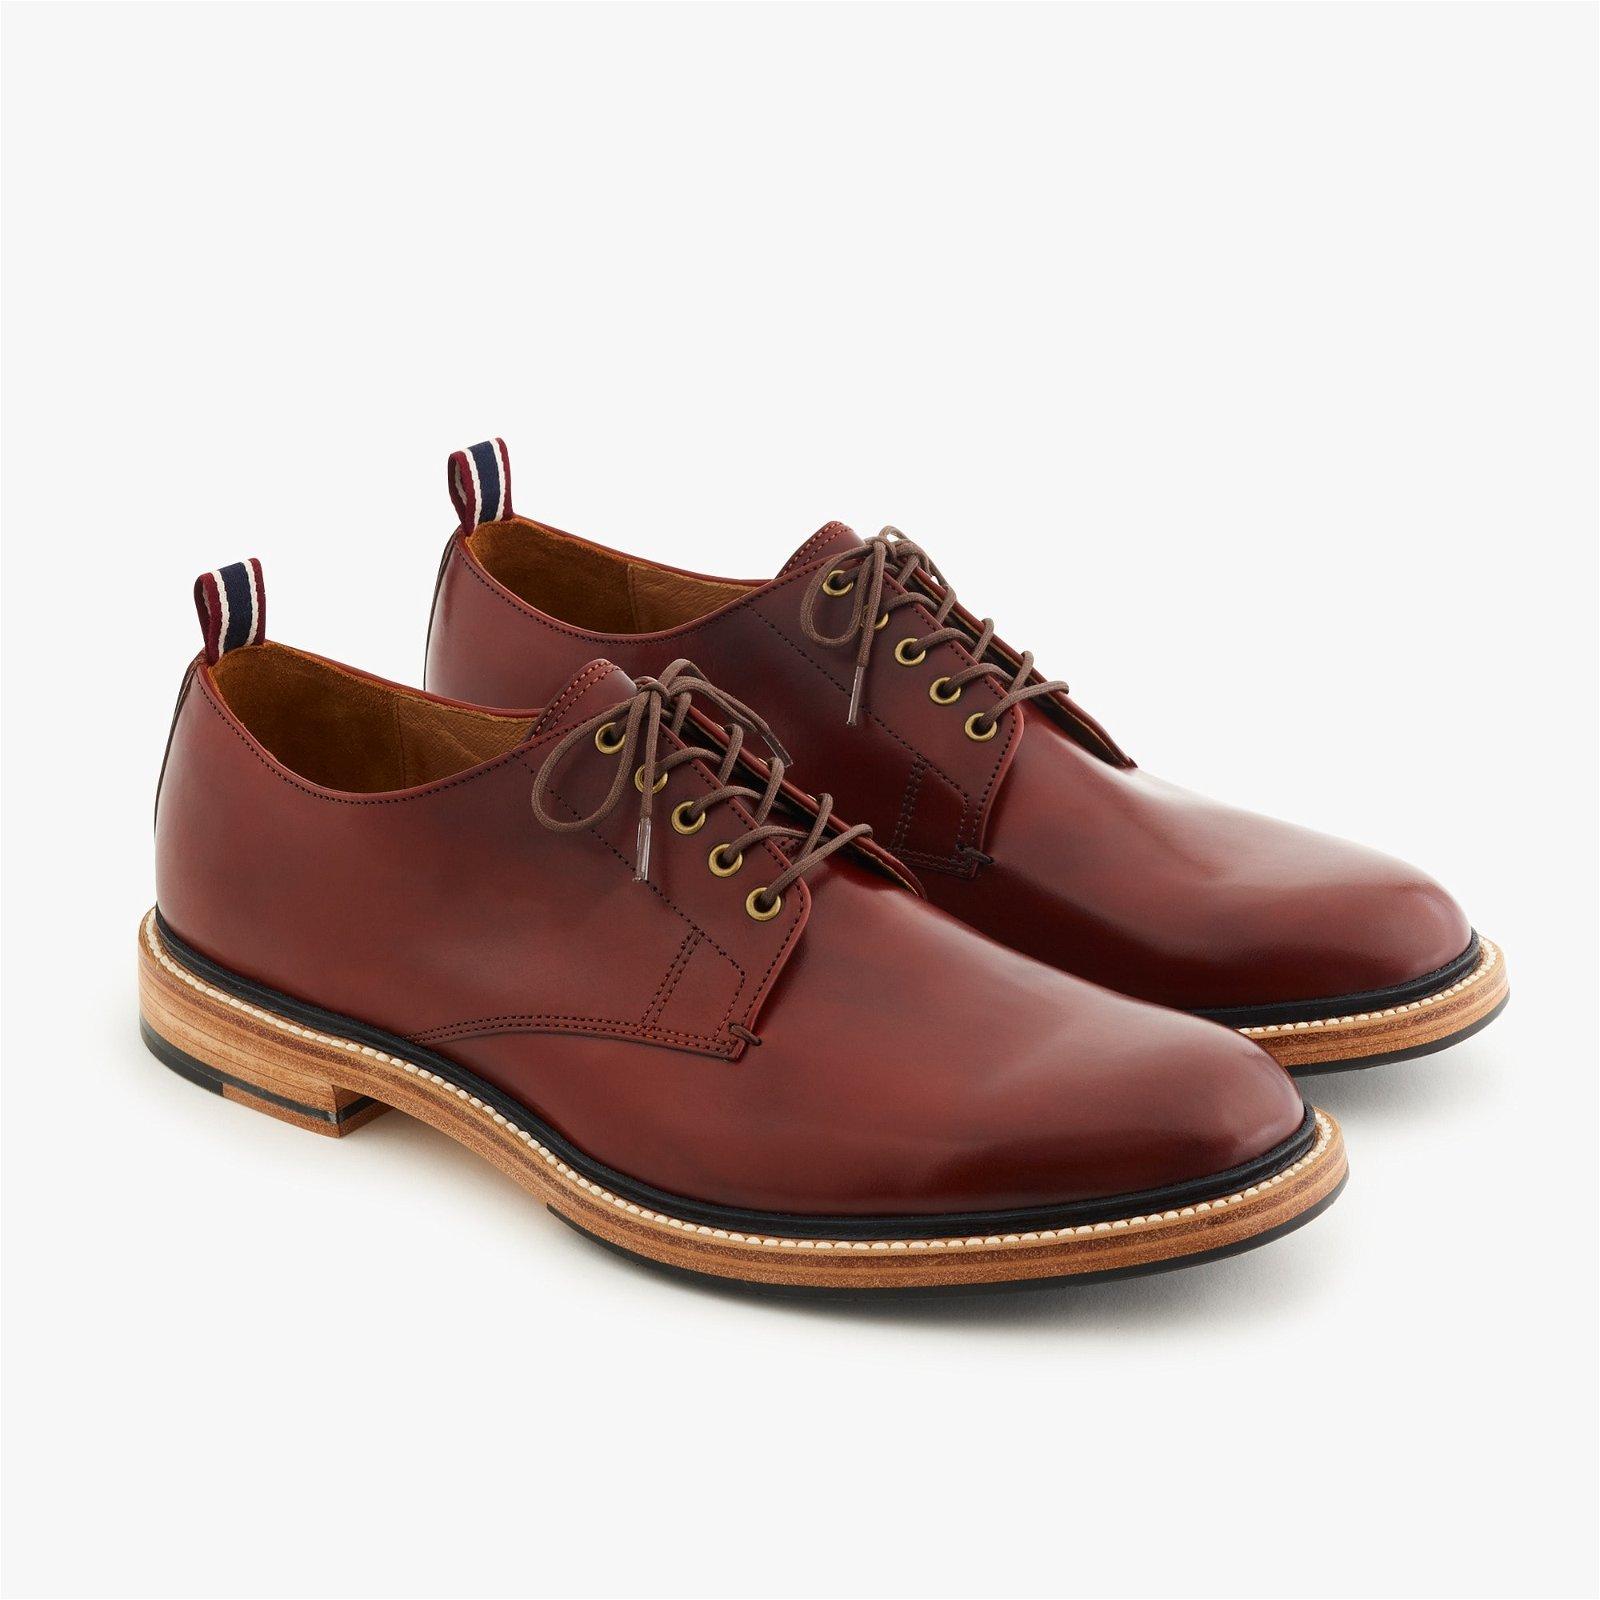 Oar Stripe Italian leather derbys